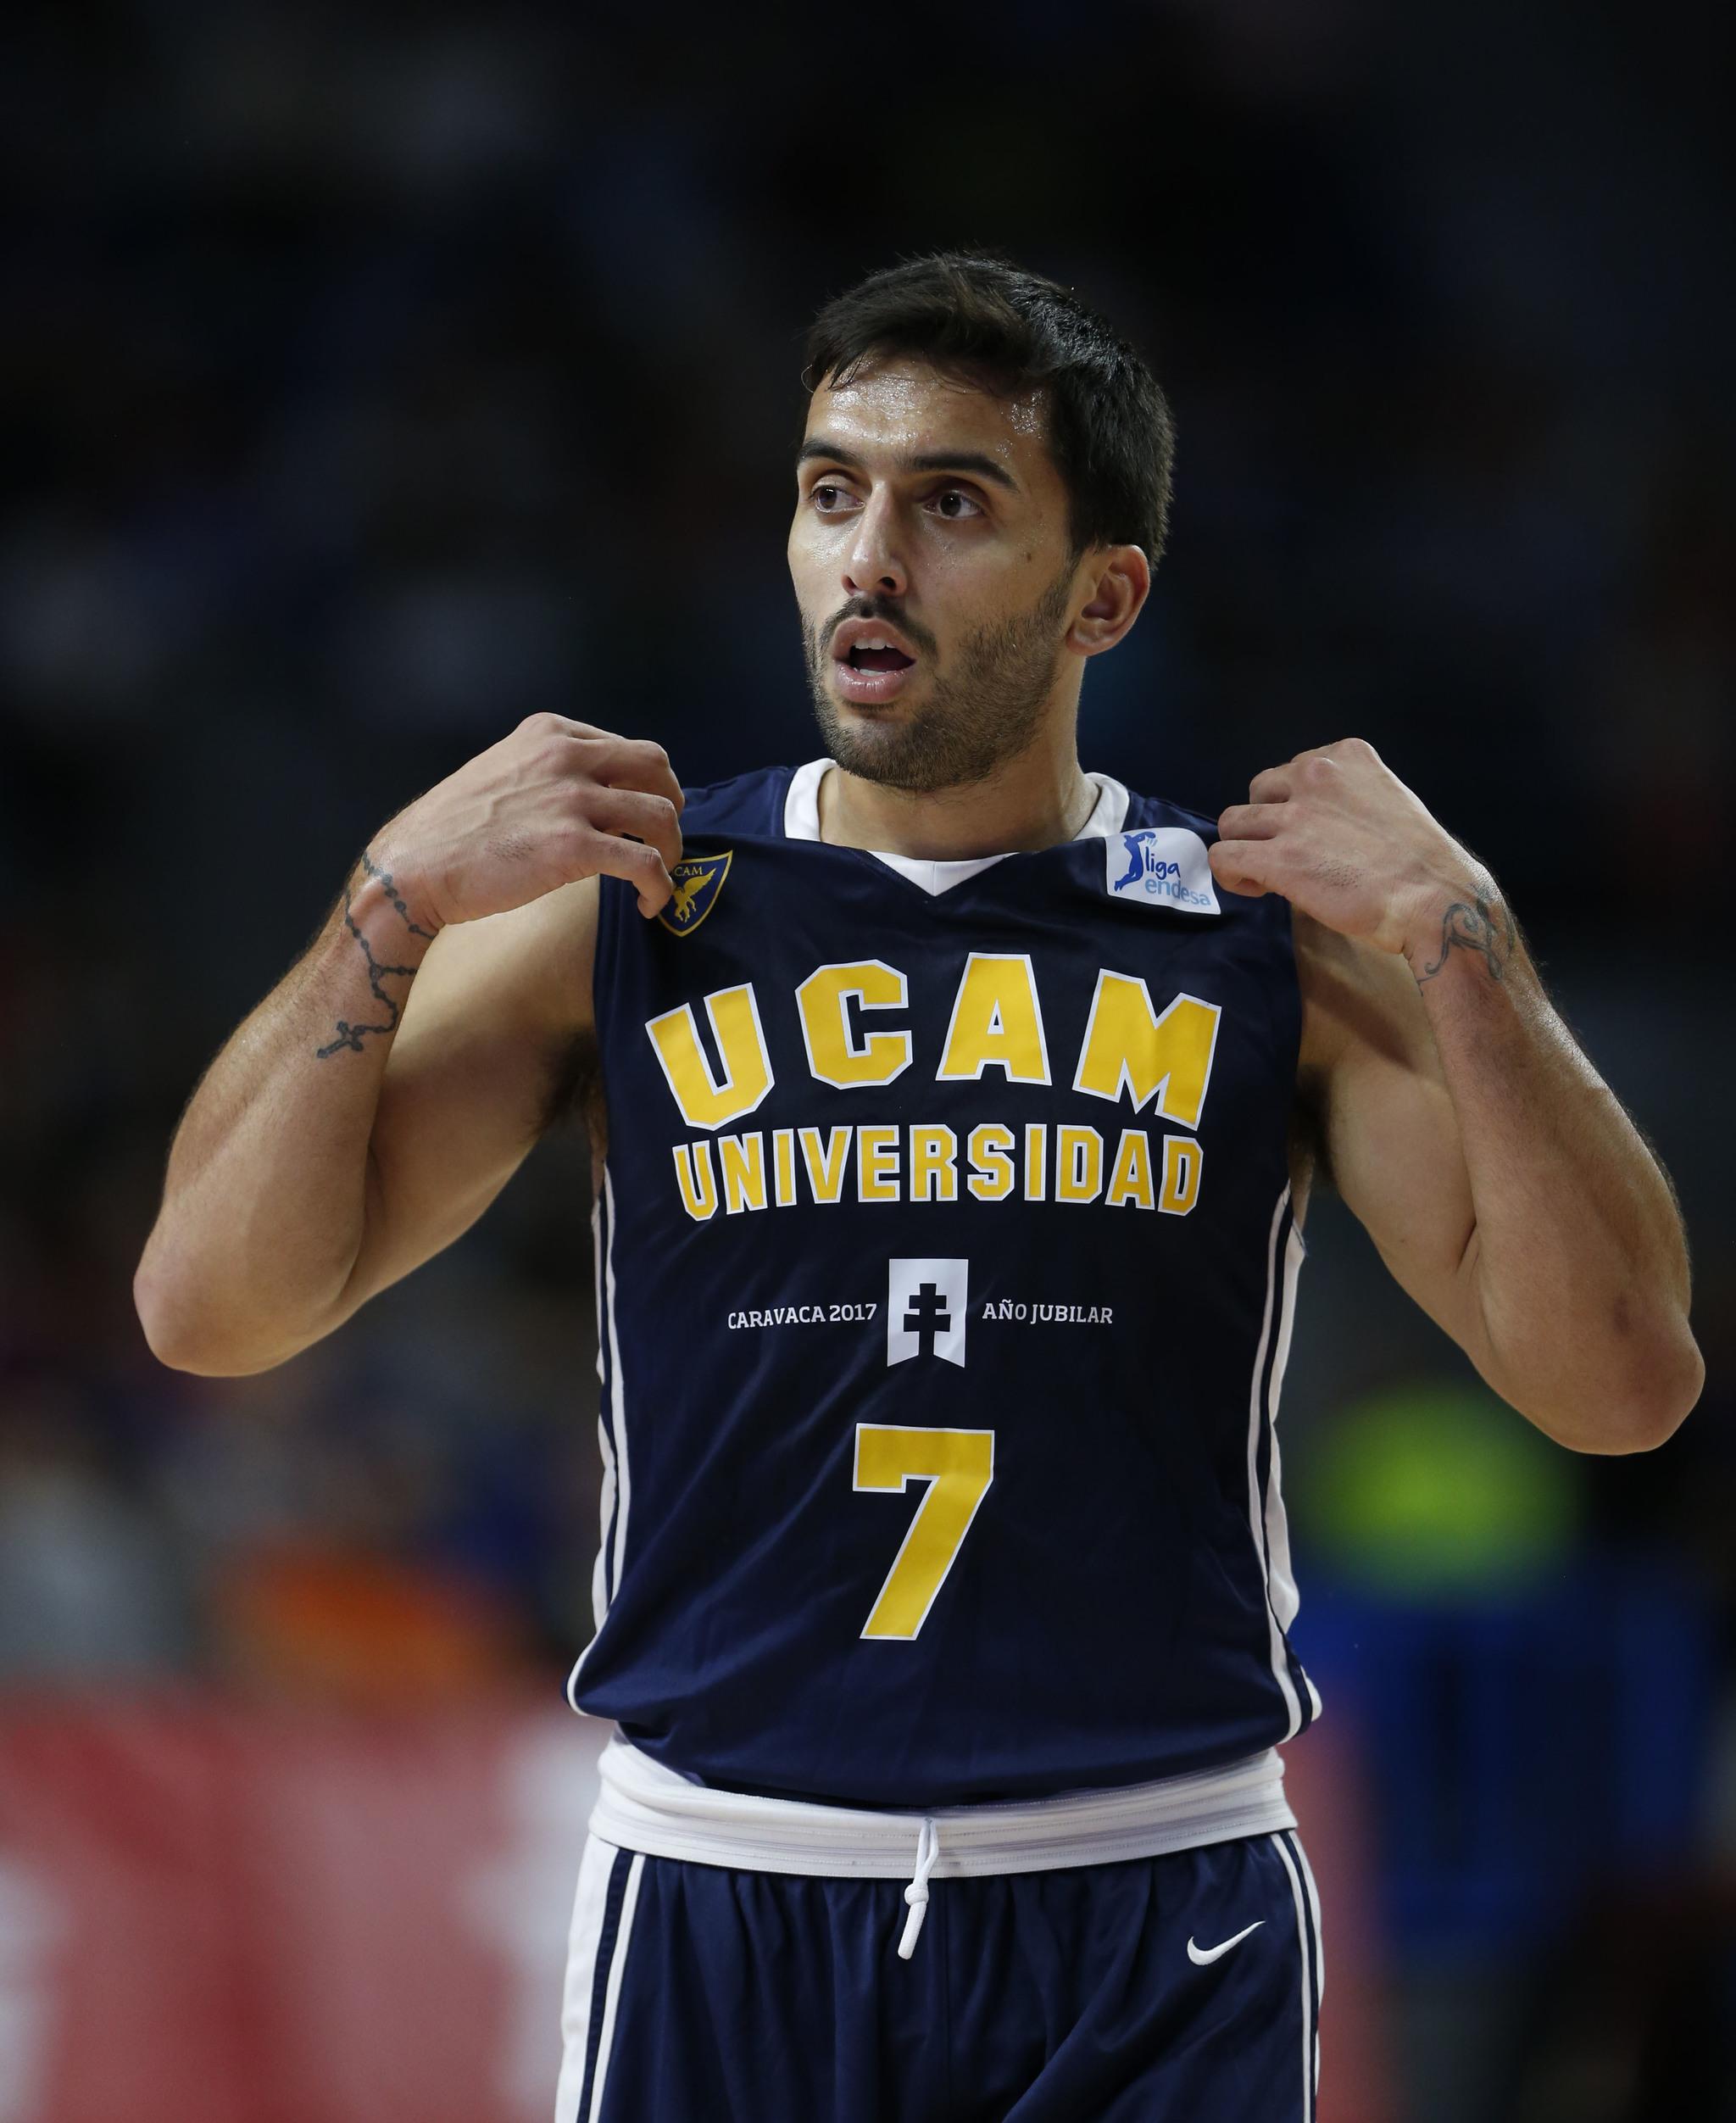 Facundo Campazzo jugando con el UCAM Murcia